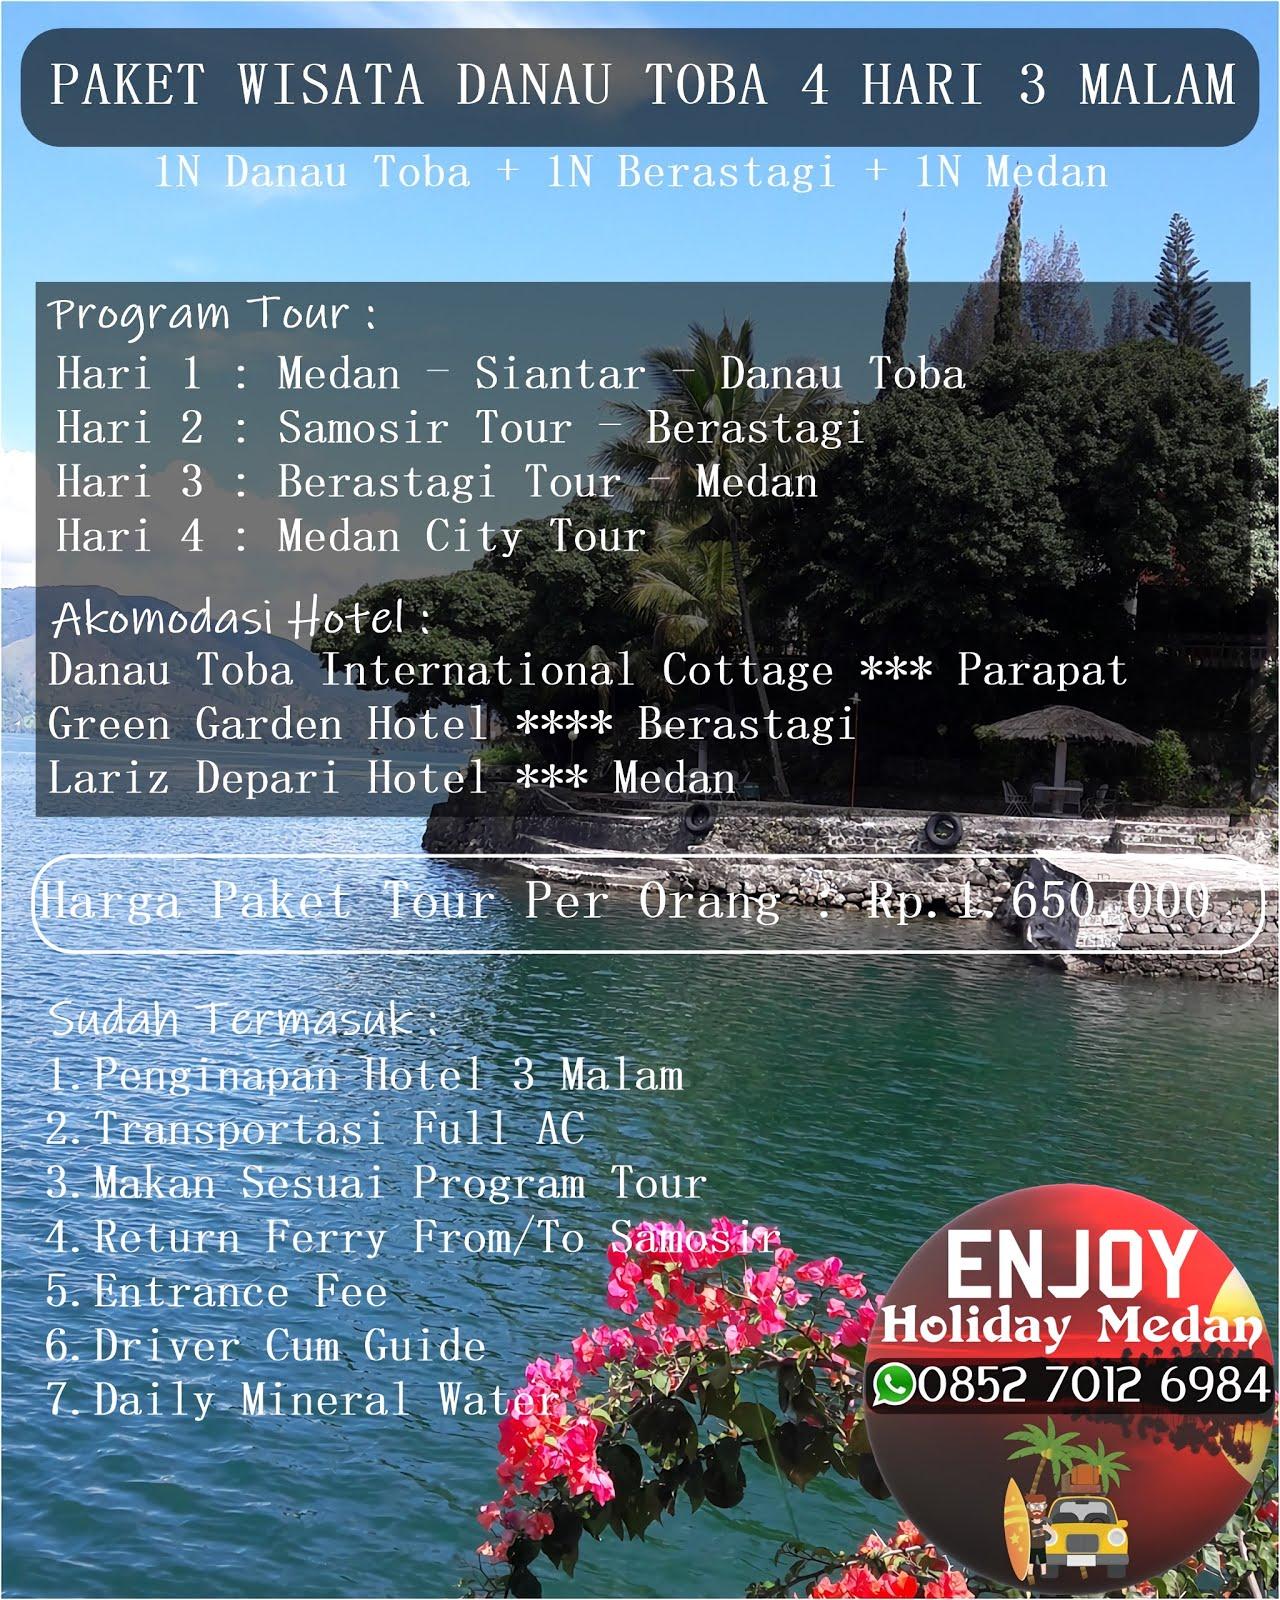 Paket Wisata Danau Toba 4 Hari 3 Malam - BERSEPULUH